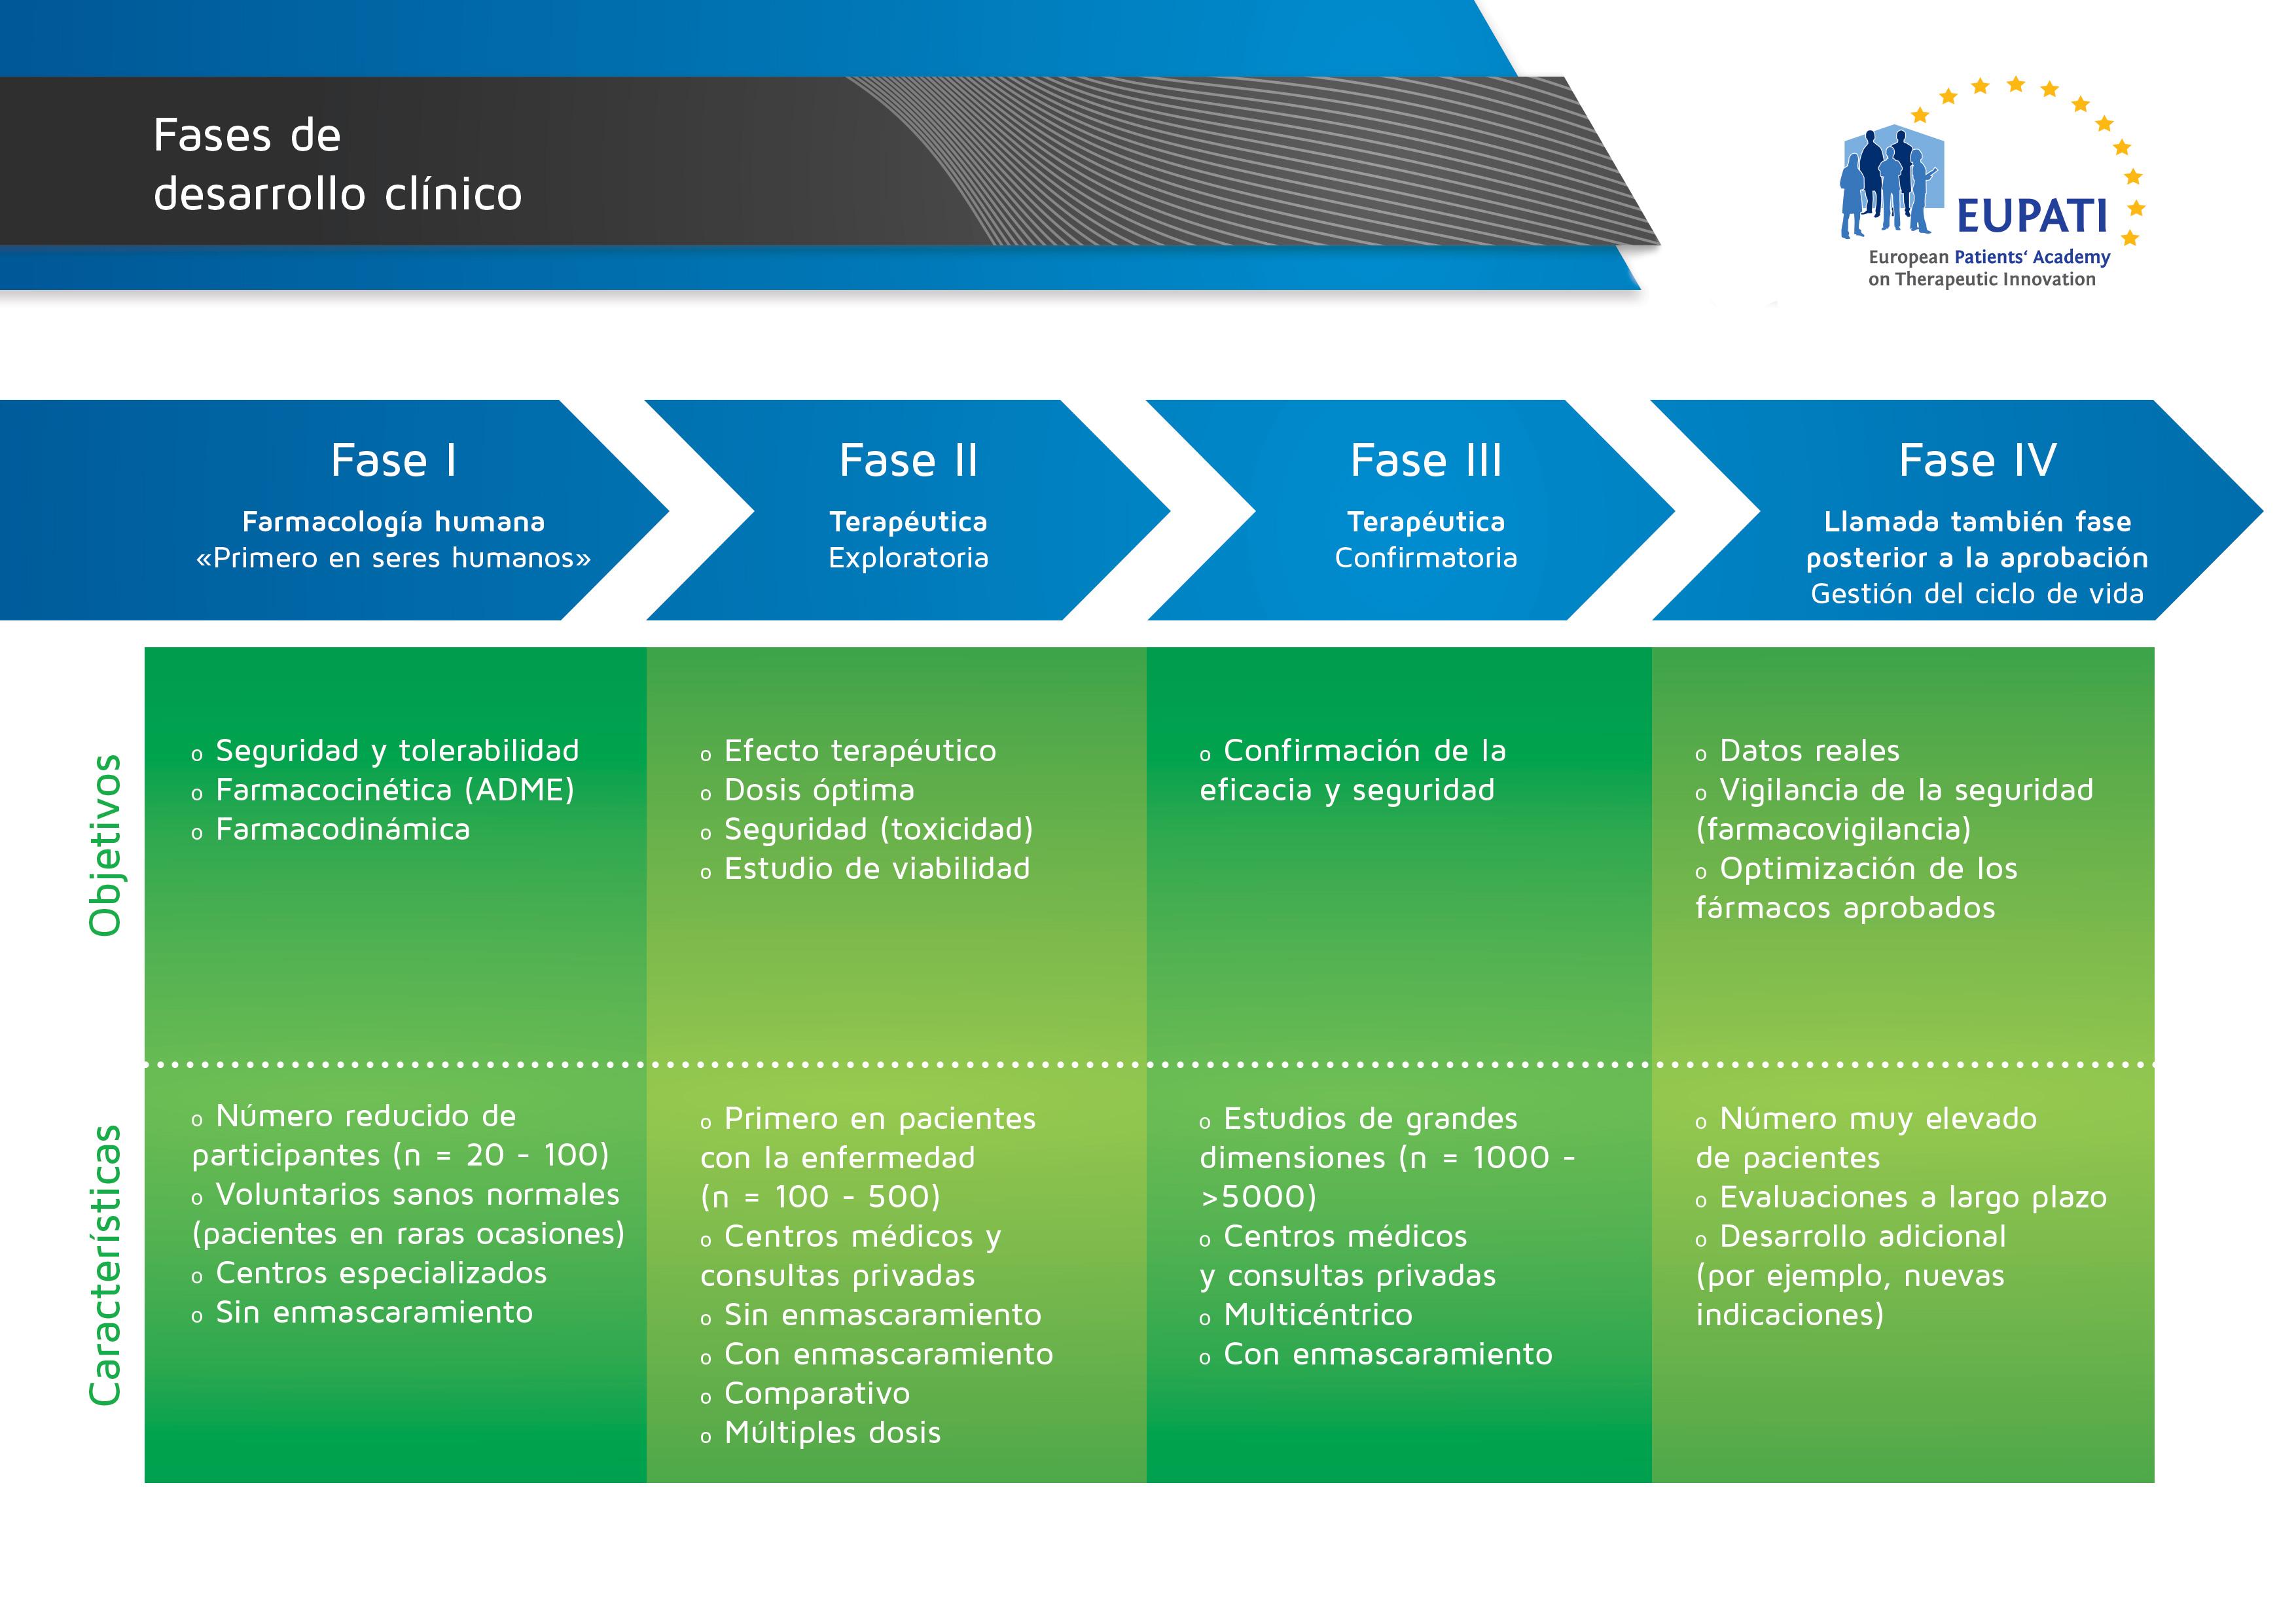 Las cuatro fases del desarrollo clínico varían por lo que respecta a los objetivos y las características.